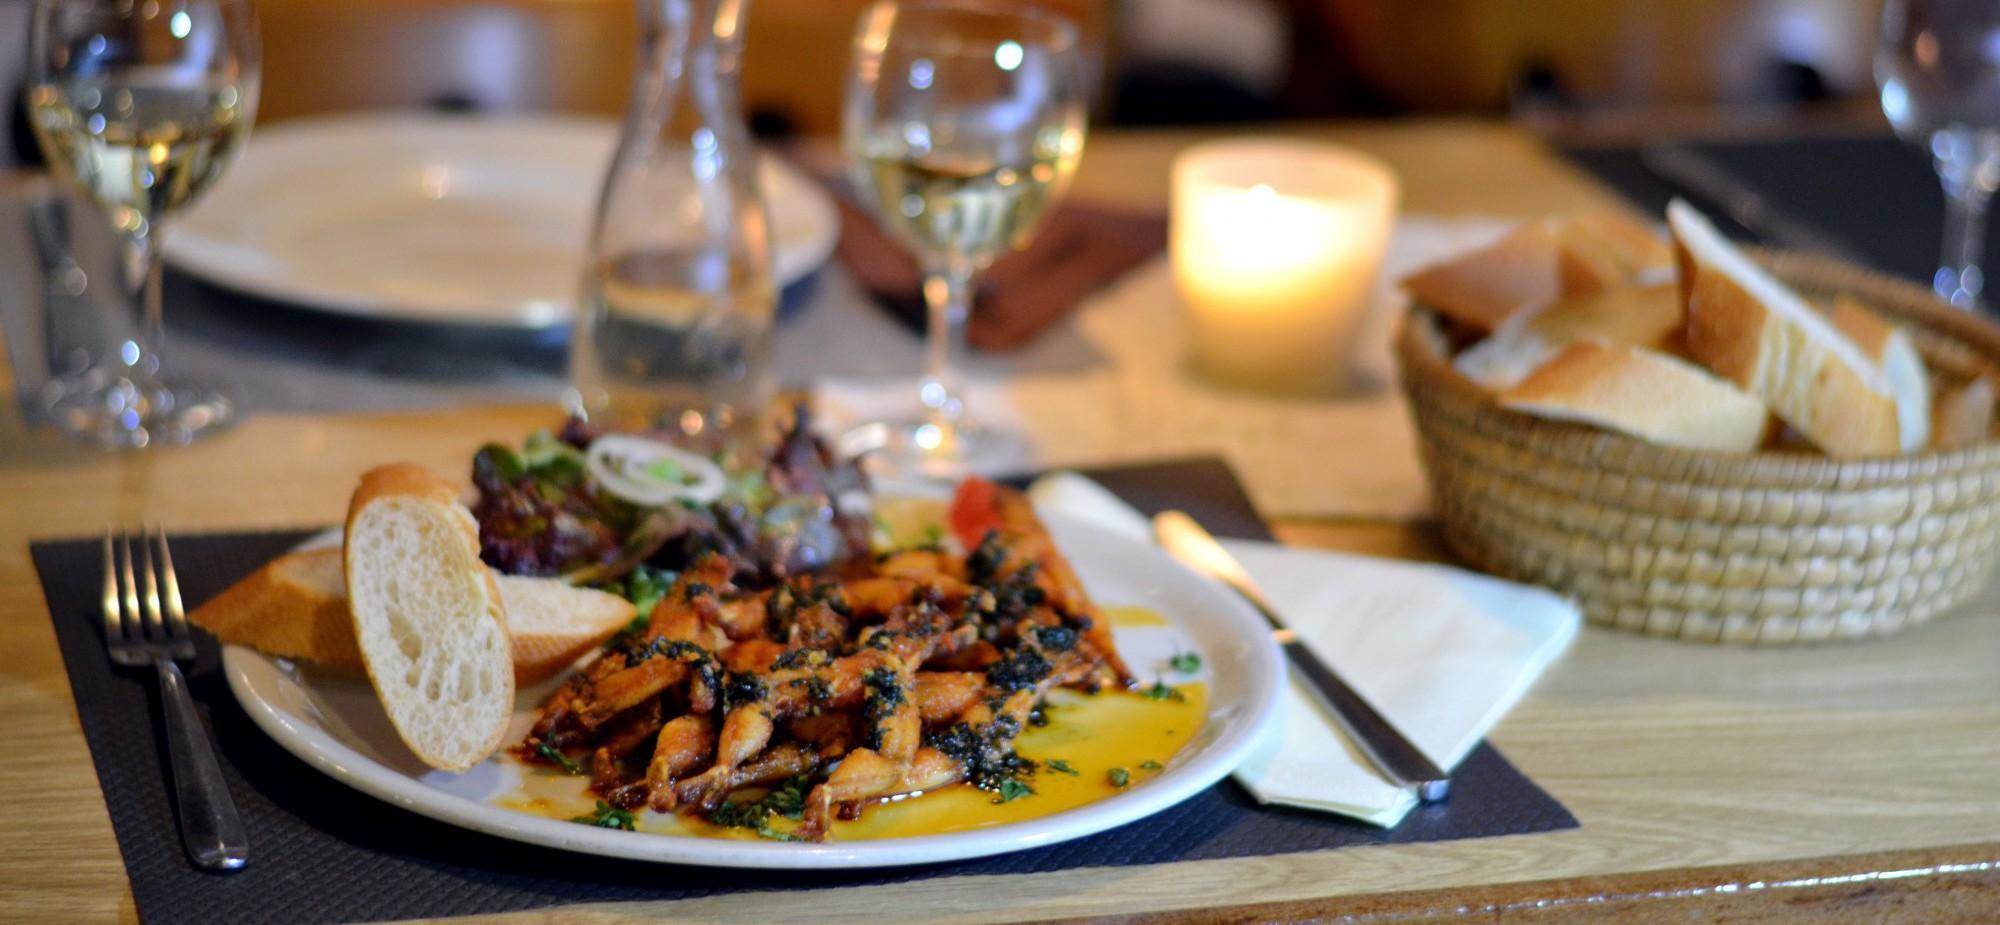 Restaurant-Schmuggelbud-Überherrn-Froschschenkel